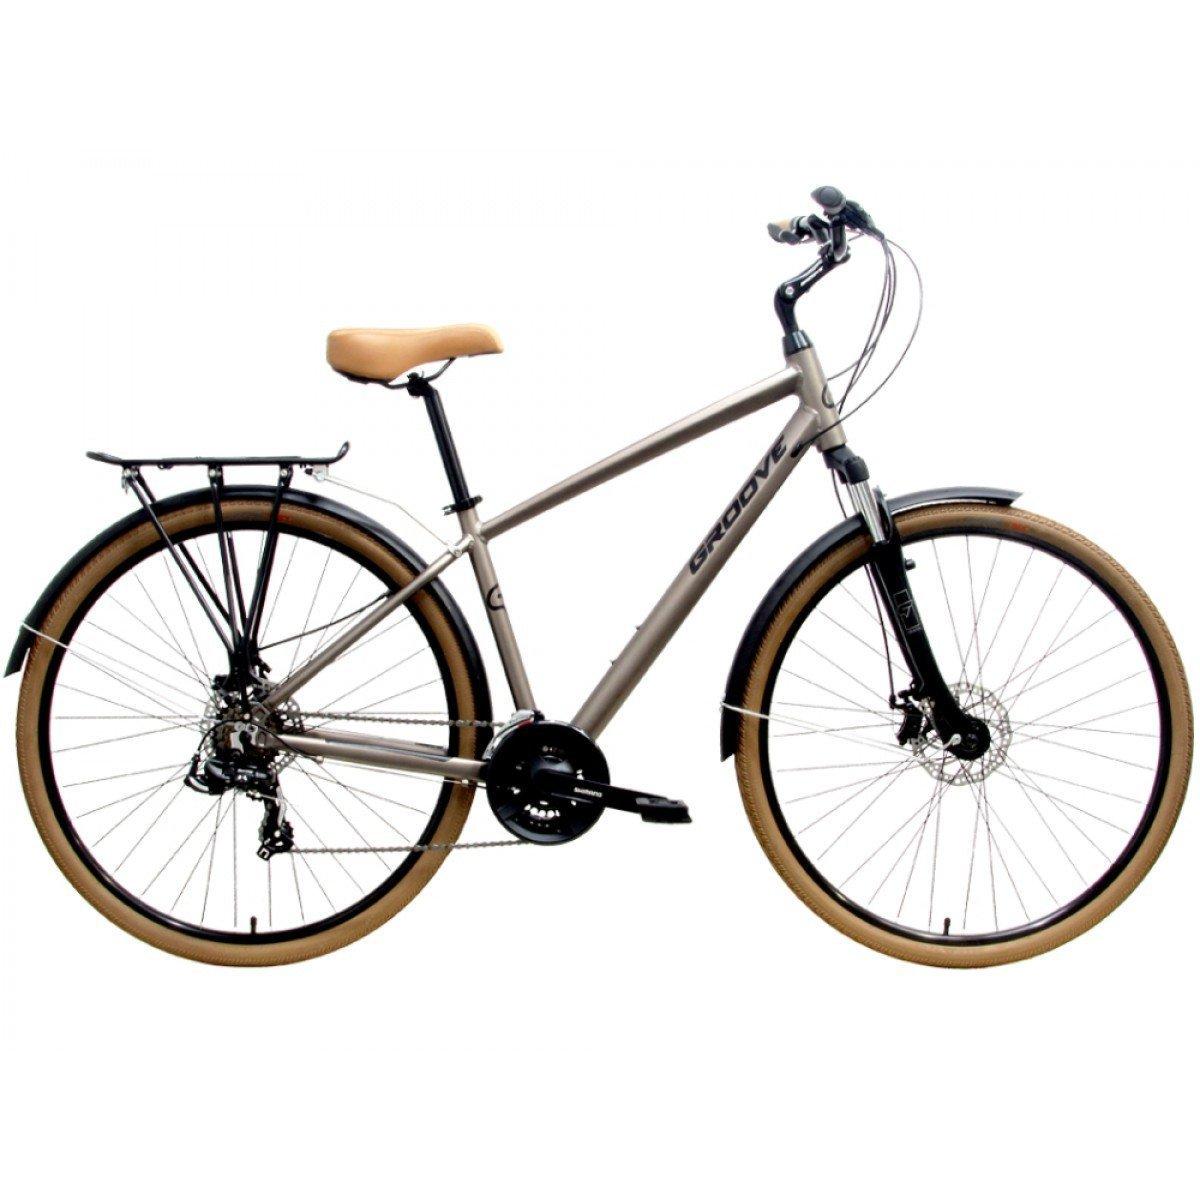 Bicicleta Groove Blues Disc Aro 700 21vel